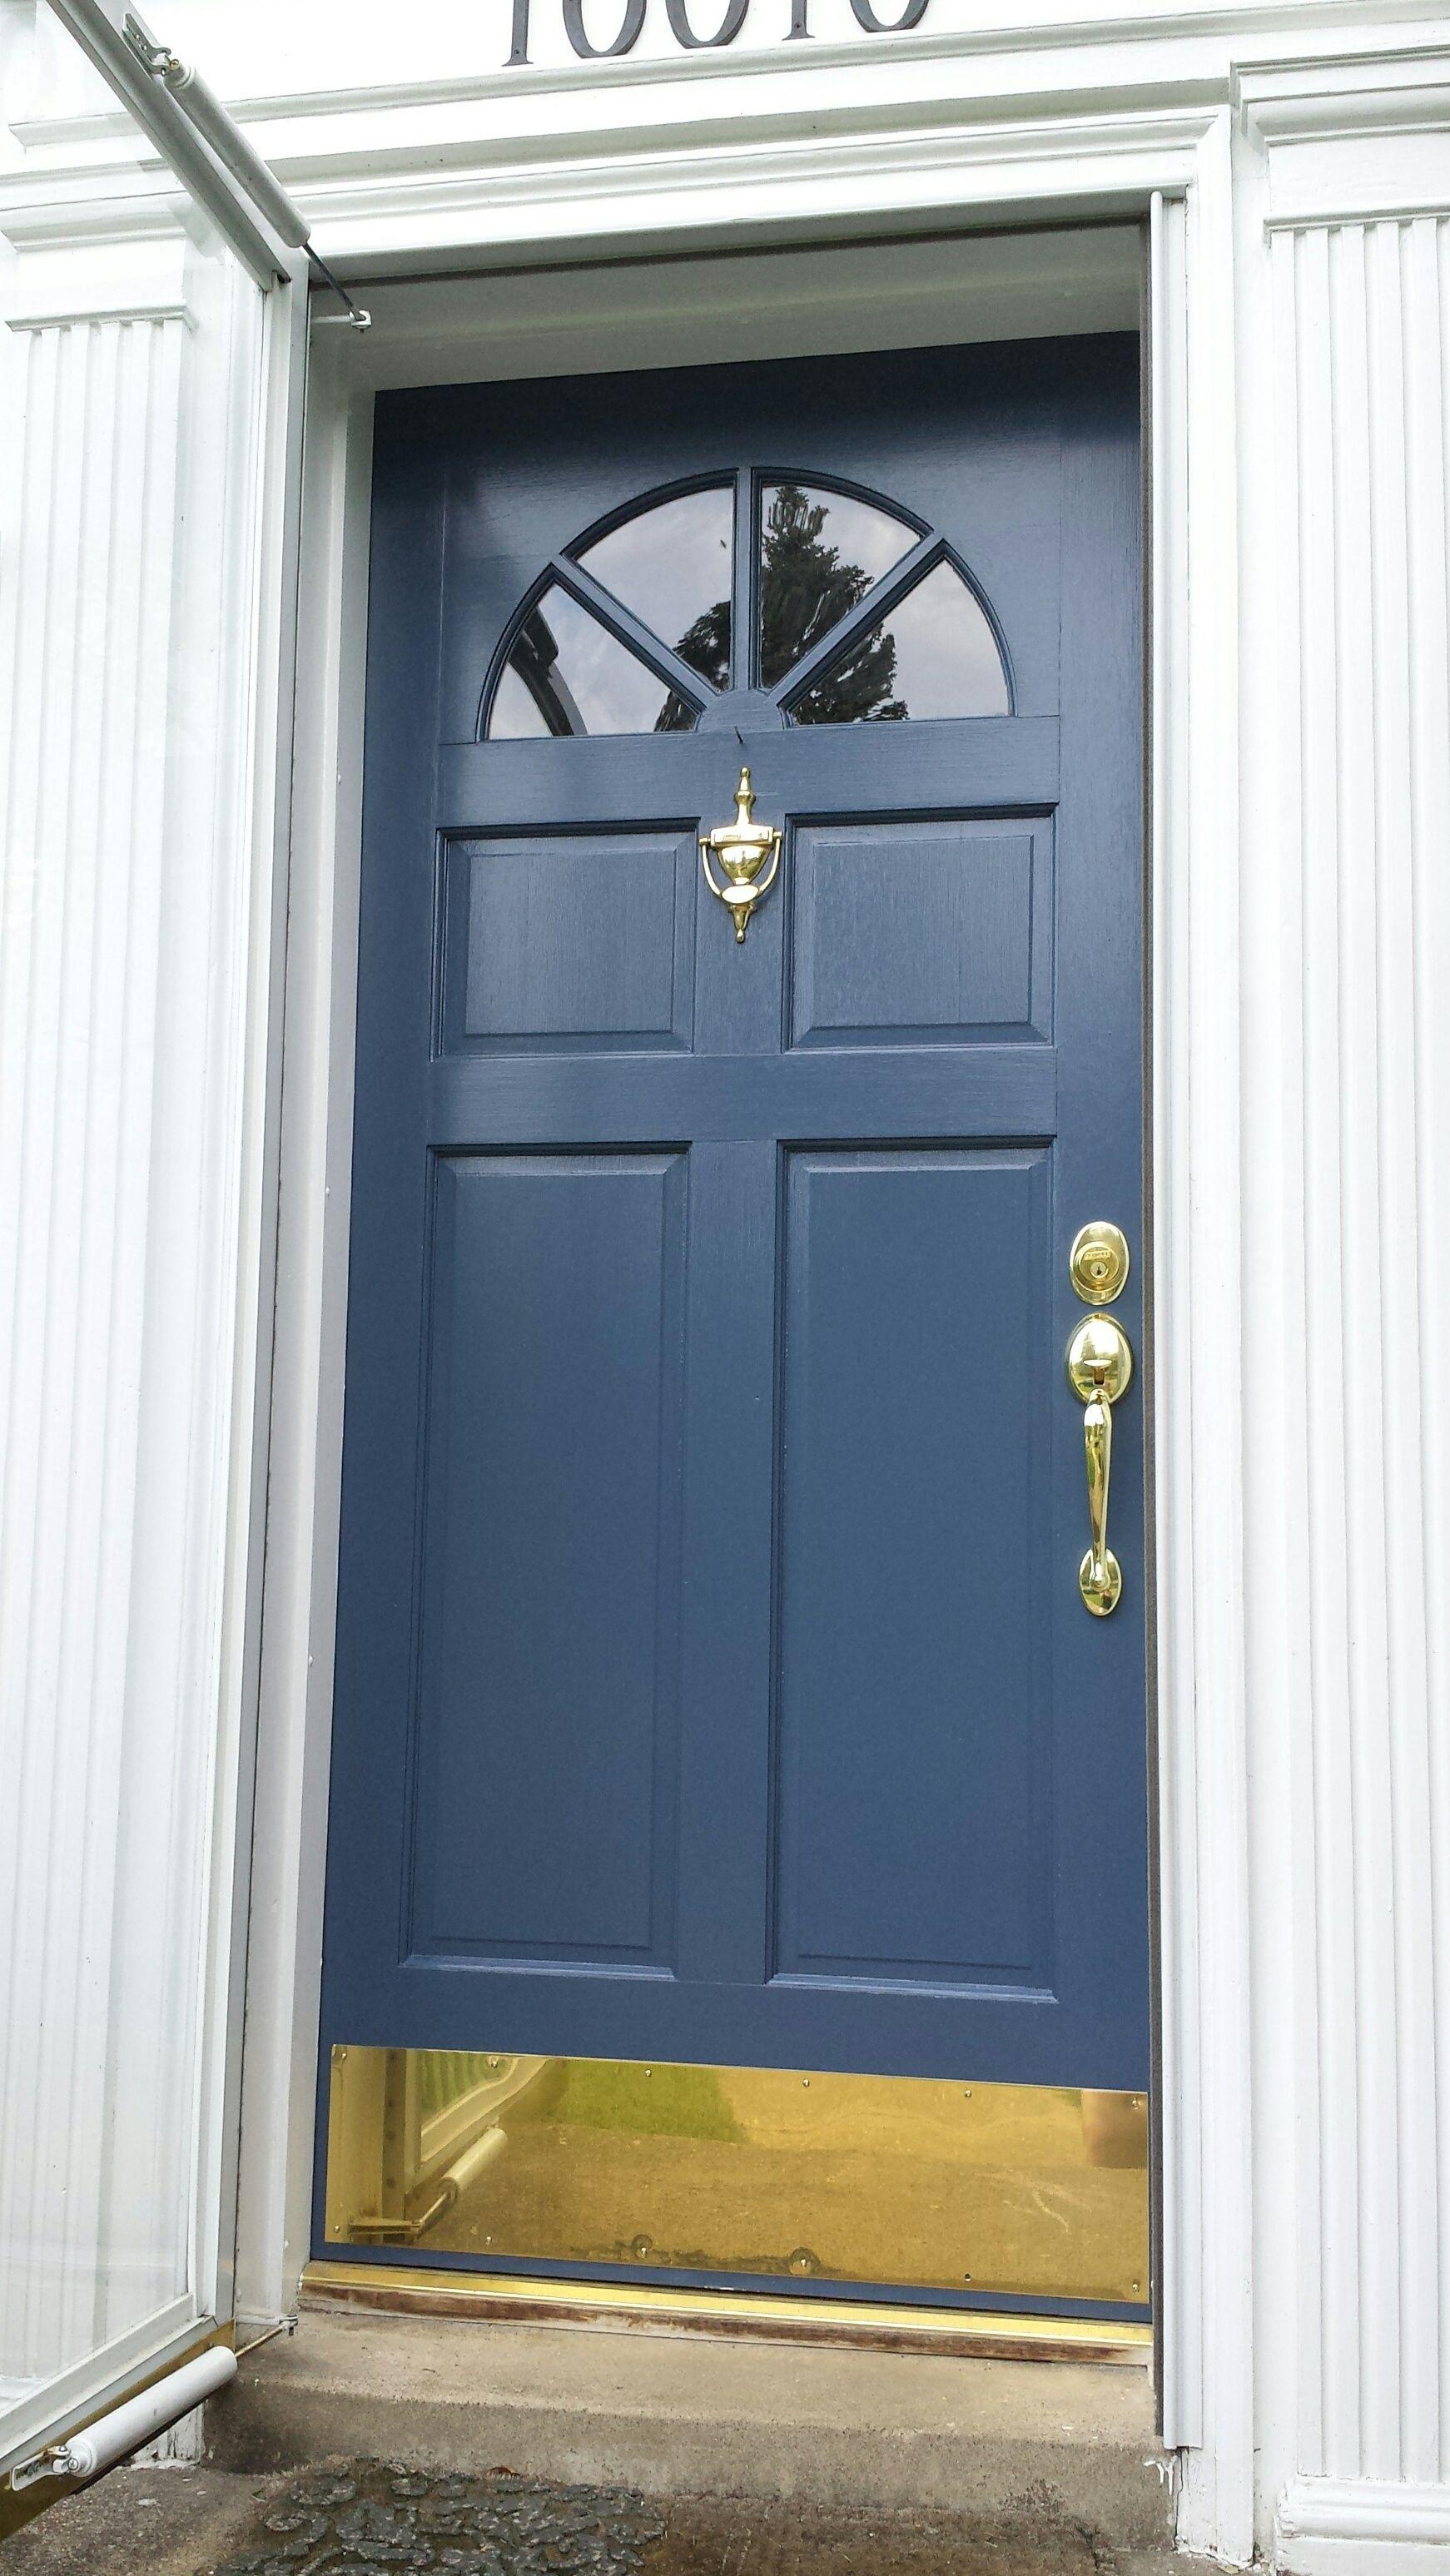 Newburyport blue house colors 2015 front door colors - Blue front door colors ...